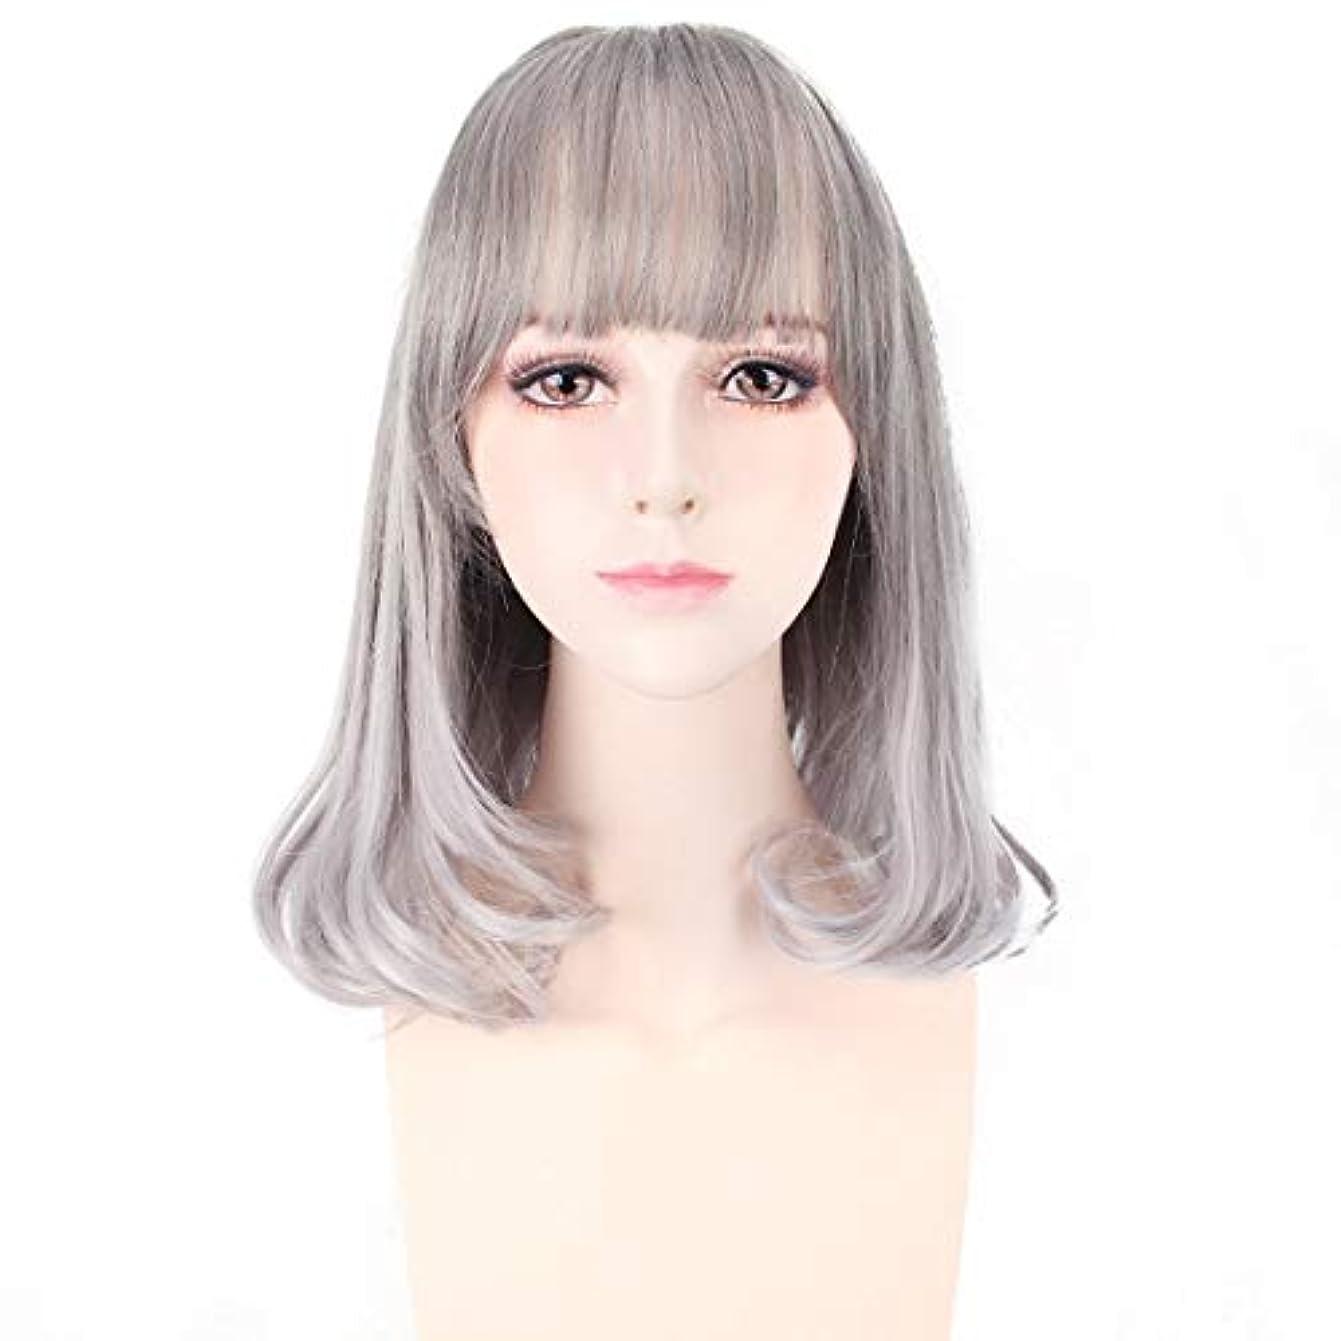 子羊で出来ているコンピューターゲームをプレイするYOUQIU 女子チー前髪ショートヘアウェーブ頭ふわふわのリアルなガールウィッグウィッグ用ショートヘア (色 : Silver gray)